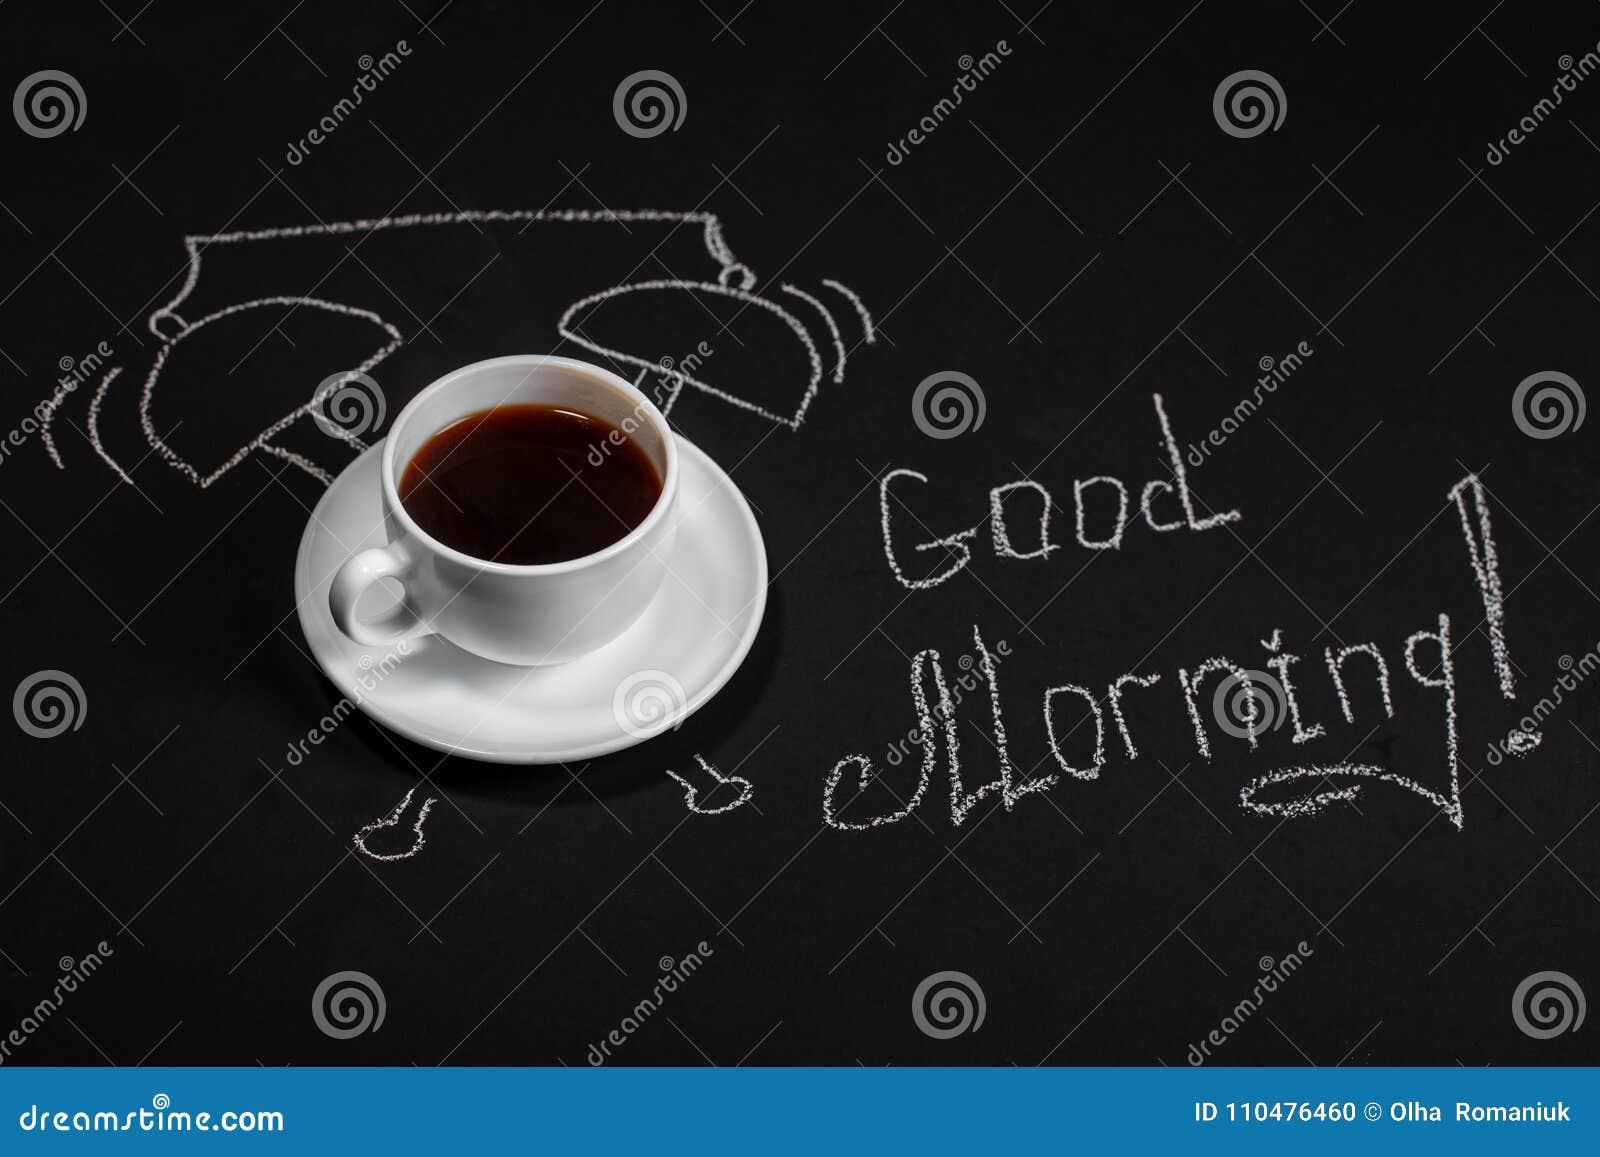 Hintergrund Mit Einer Schale Köstlichem Kaffee Guten Morgen